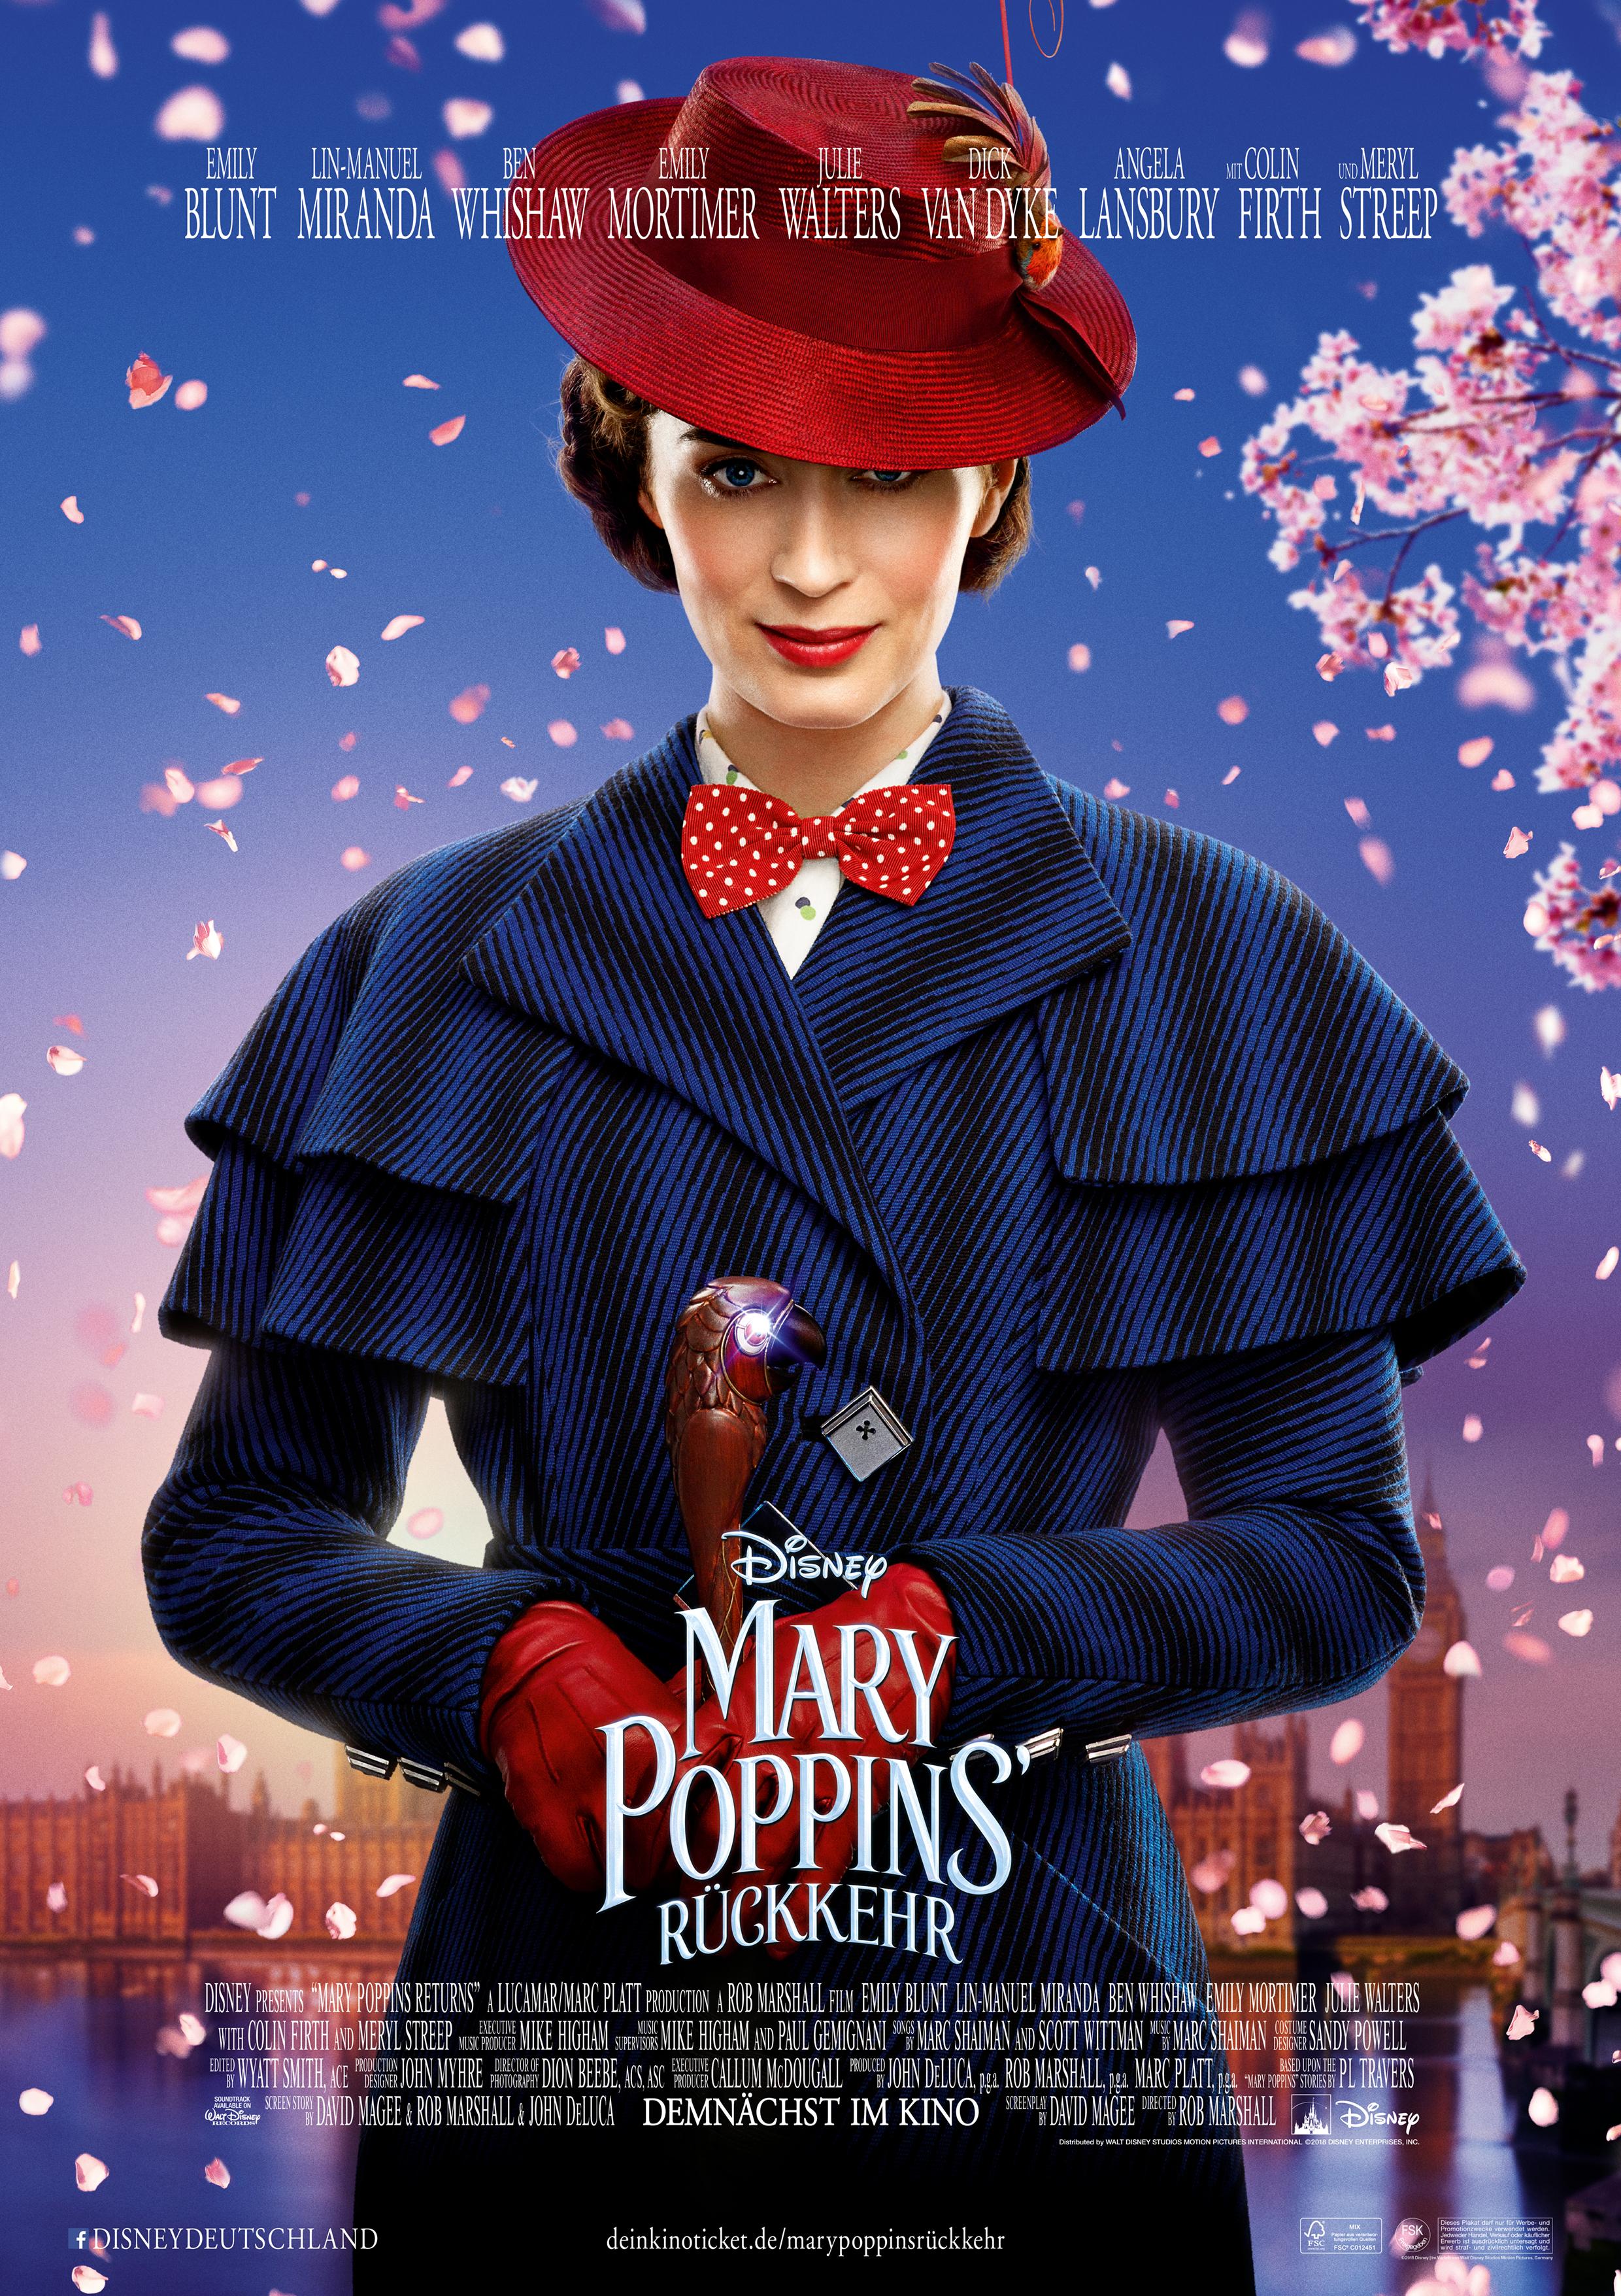 267a15e921e Mary Poppins  Rückkehr Film (2018) · Trailer · Kritik · KINO.de